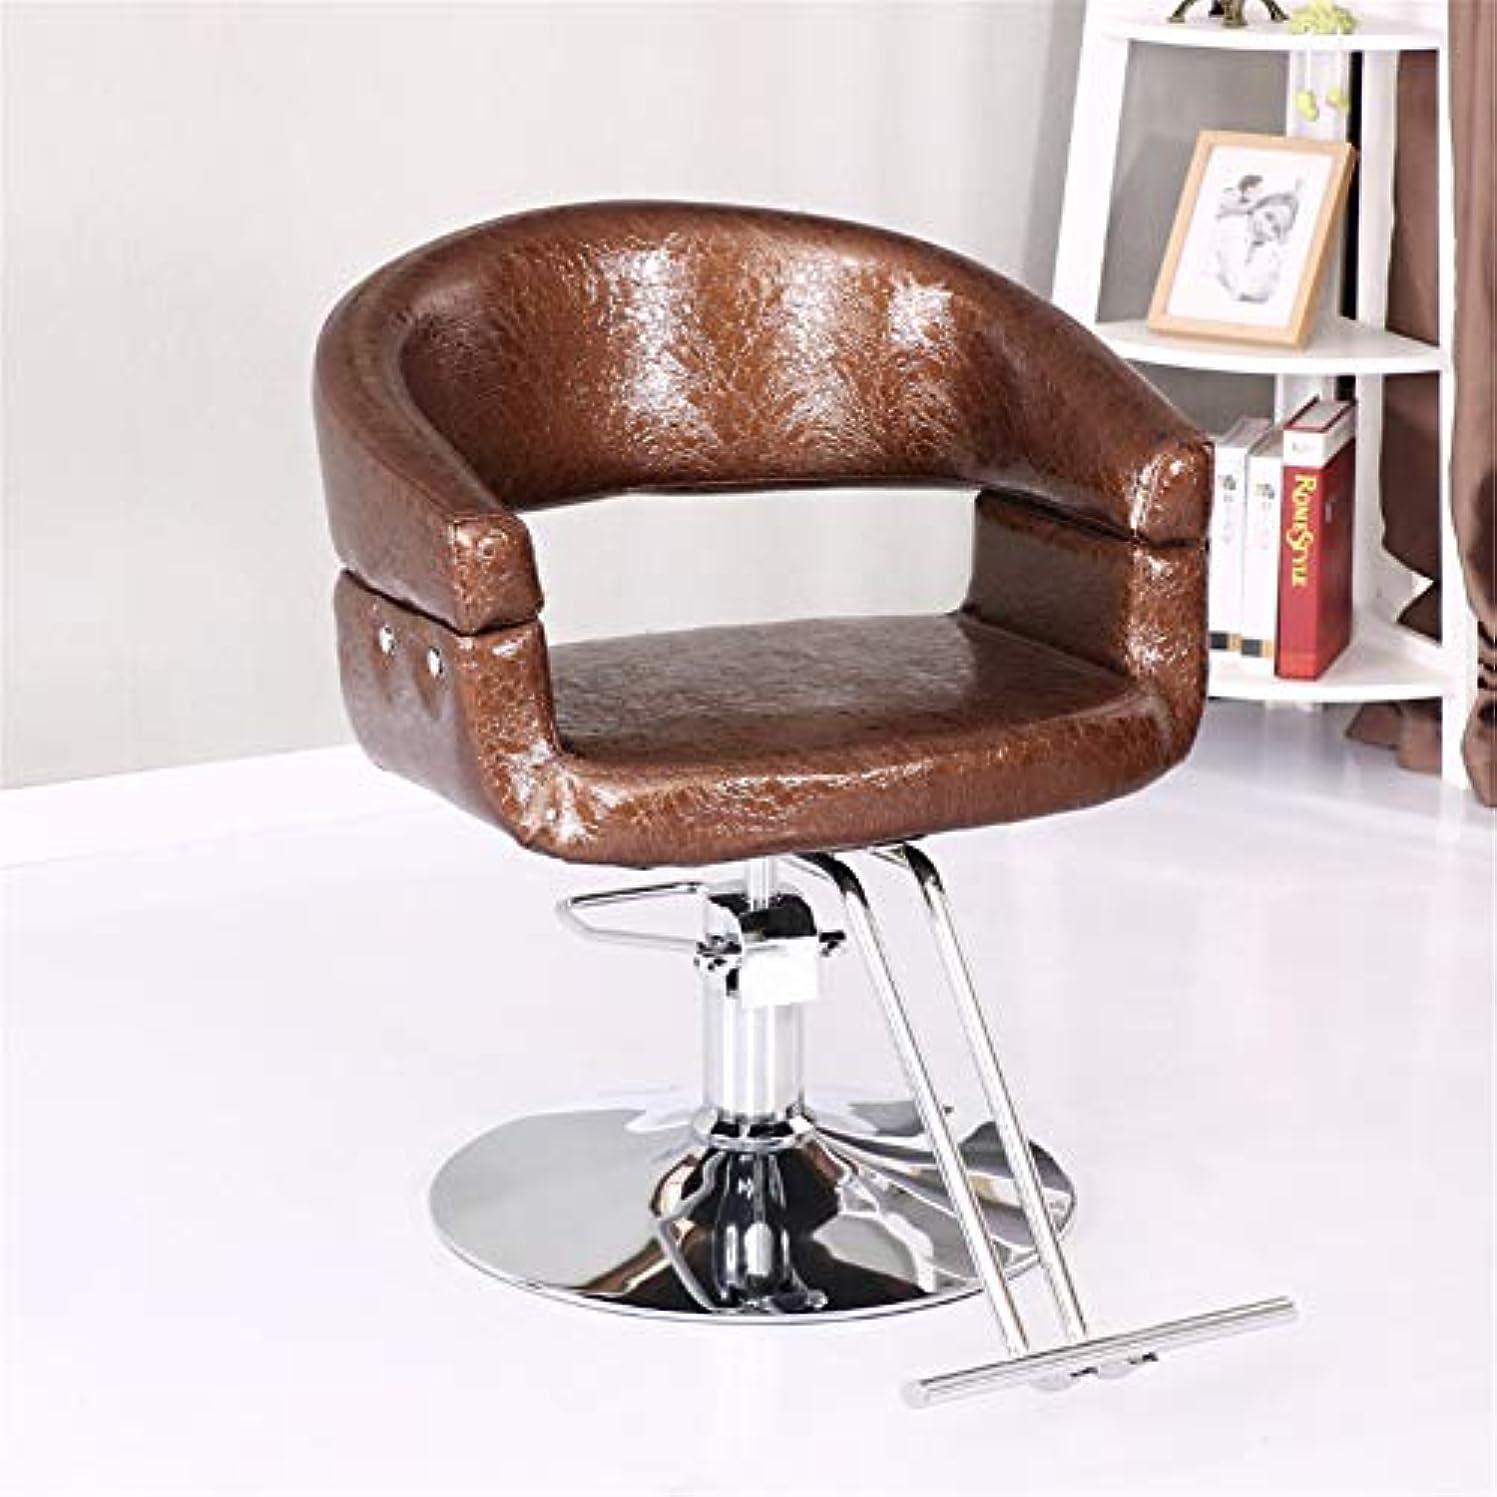 北米ペース松の木Salon Chair Fashion Hydraulic Barber Chair Styling Beauty Salon Equipment Round Base Stable Comfort,Brown,B